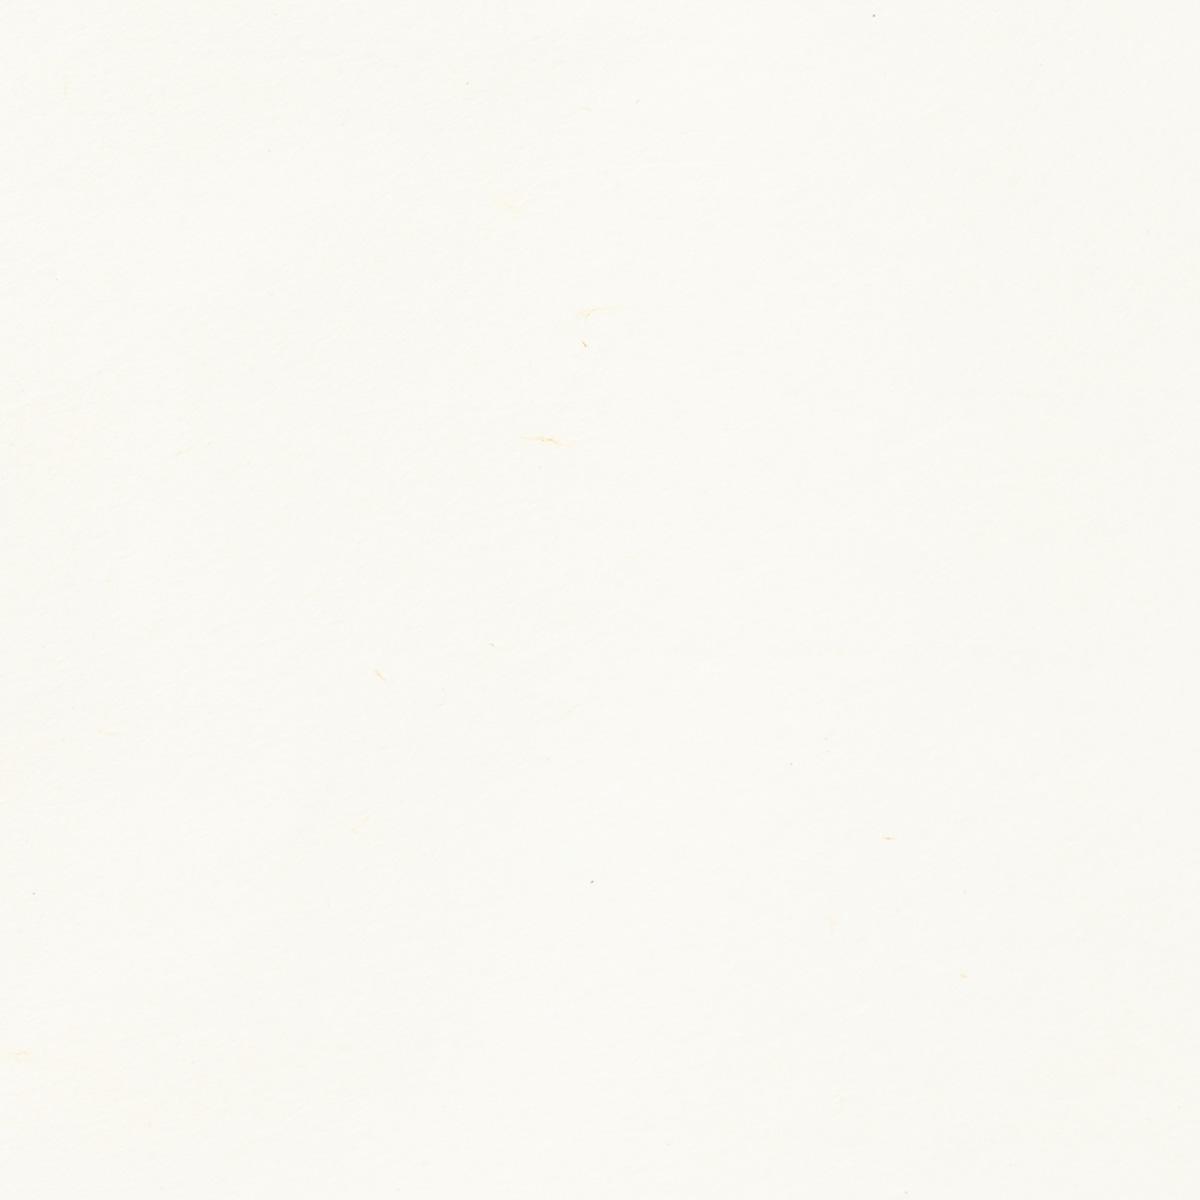 黒谷 生漉 5.5匁 未晒